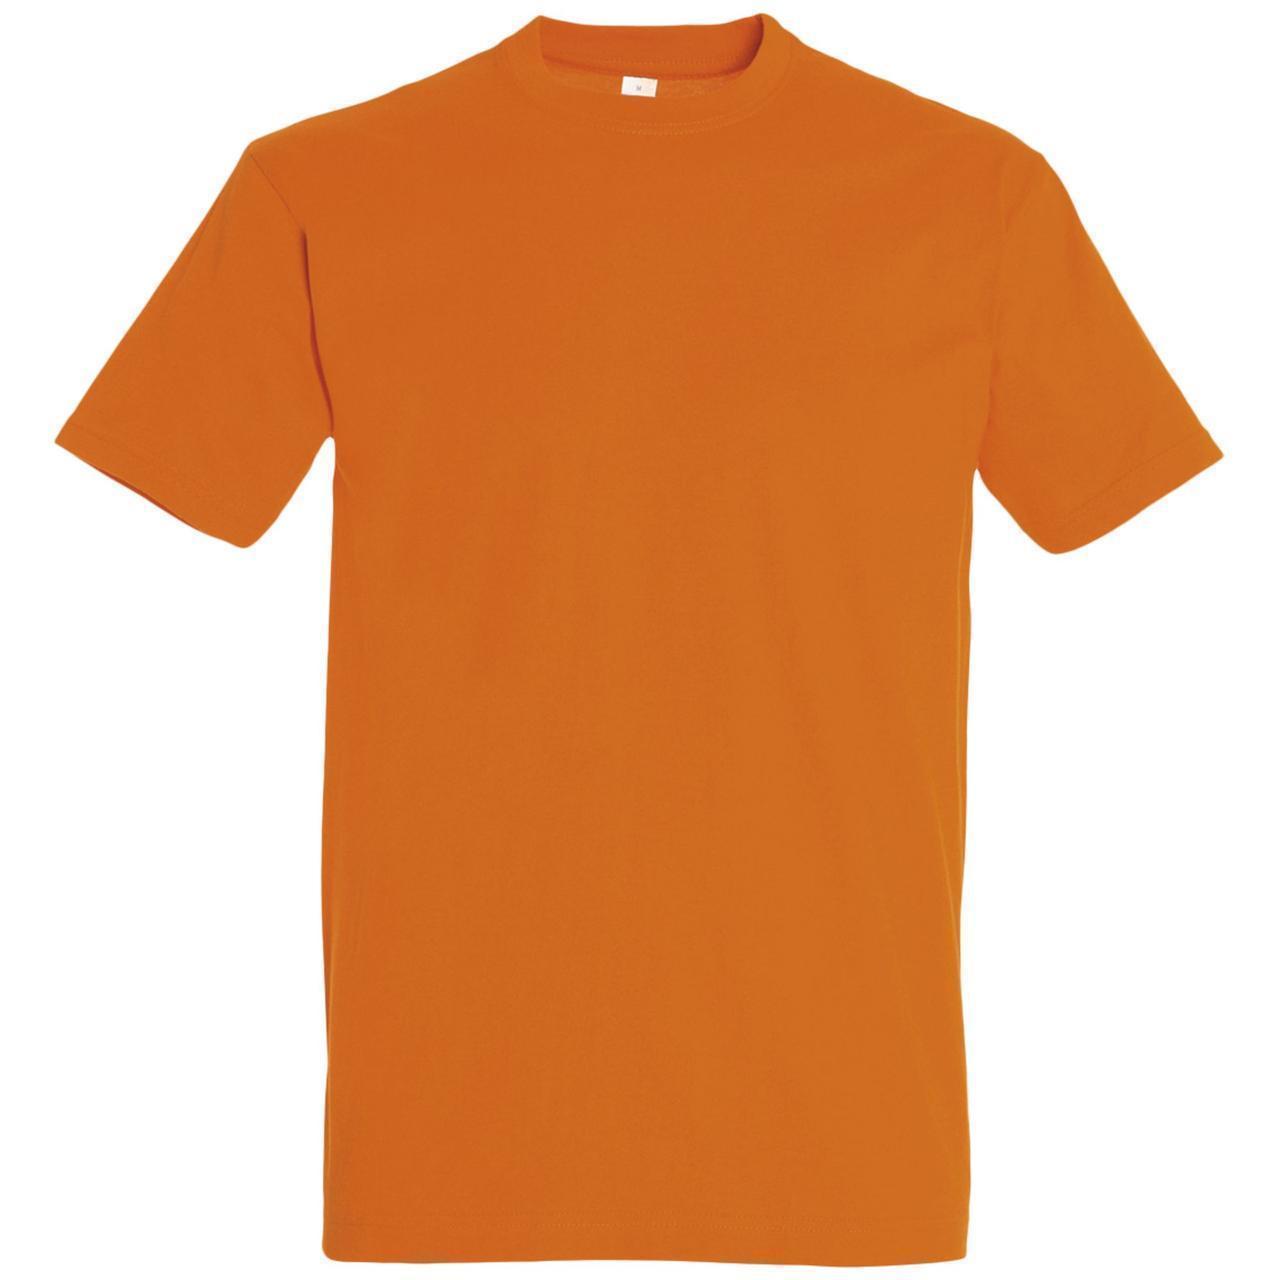 Oднотонная футболка | Оранжевая | 160 гр. | 2XL